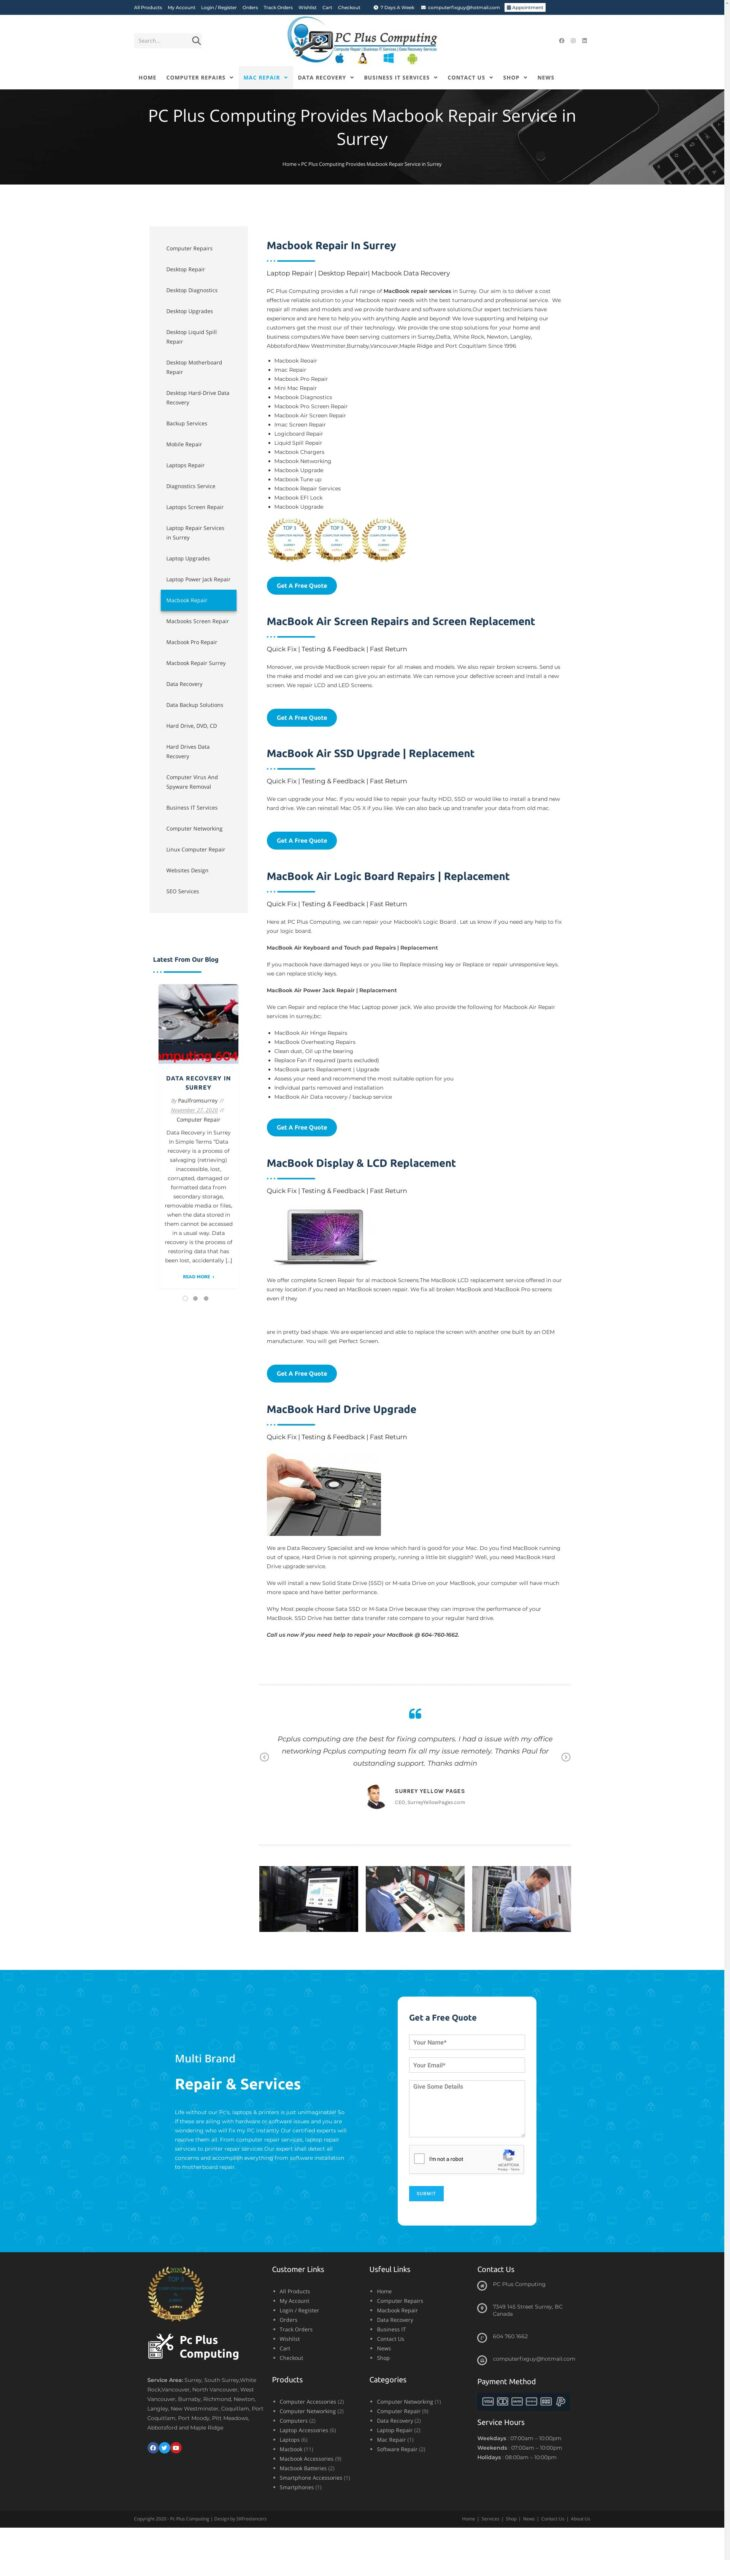 PC-Plus-Computing-Provides-Macbook-Repair-Service-in-Surrey